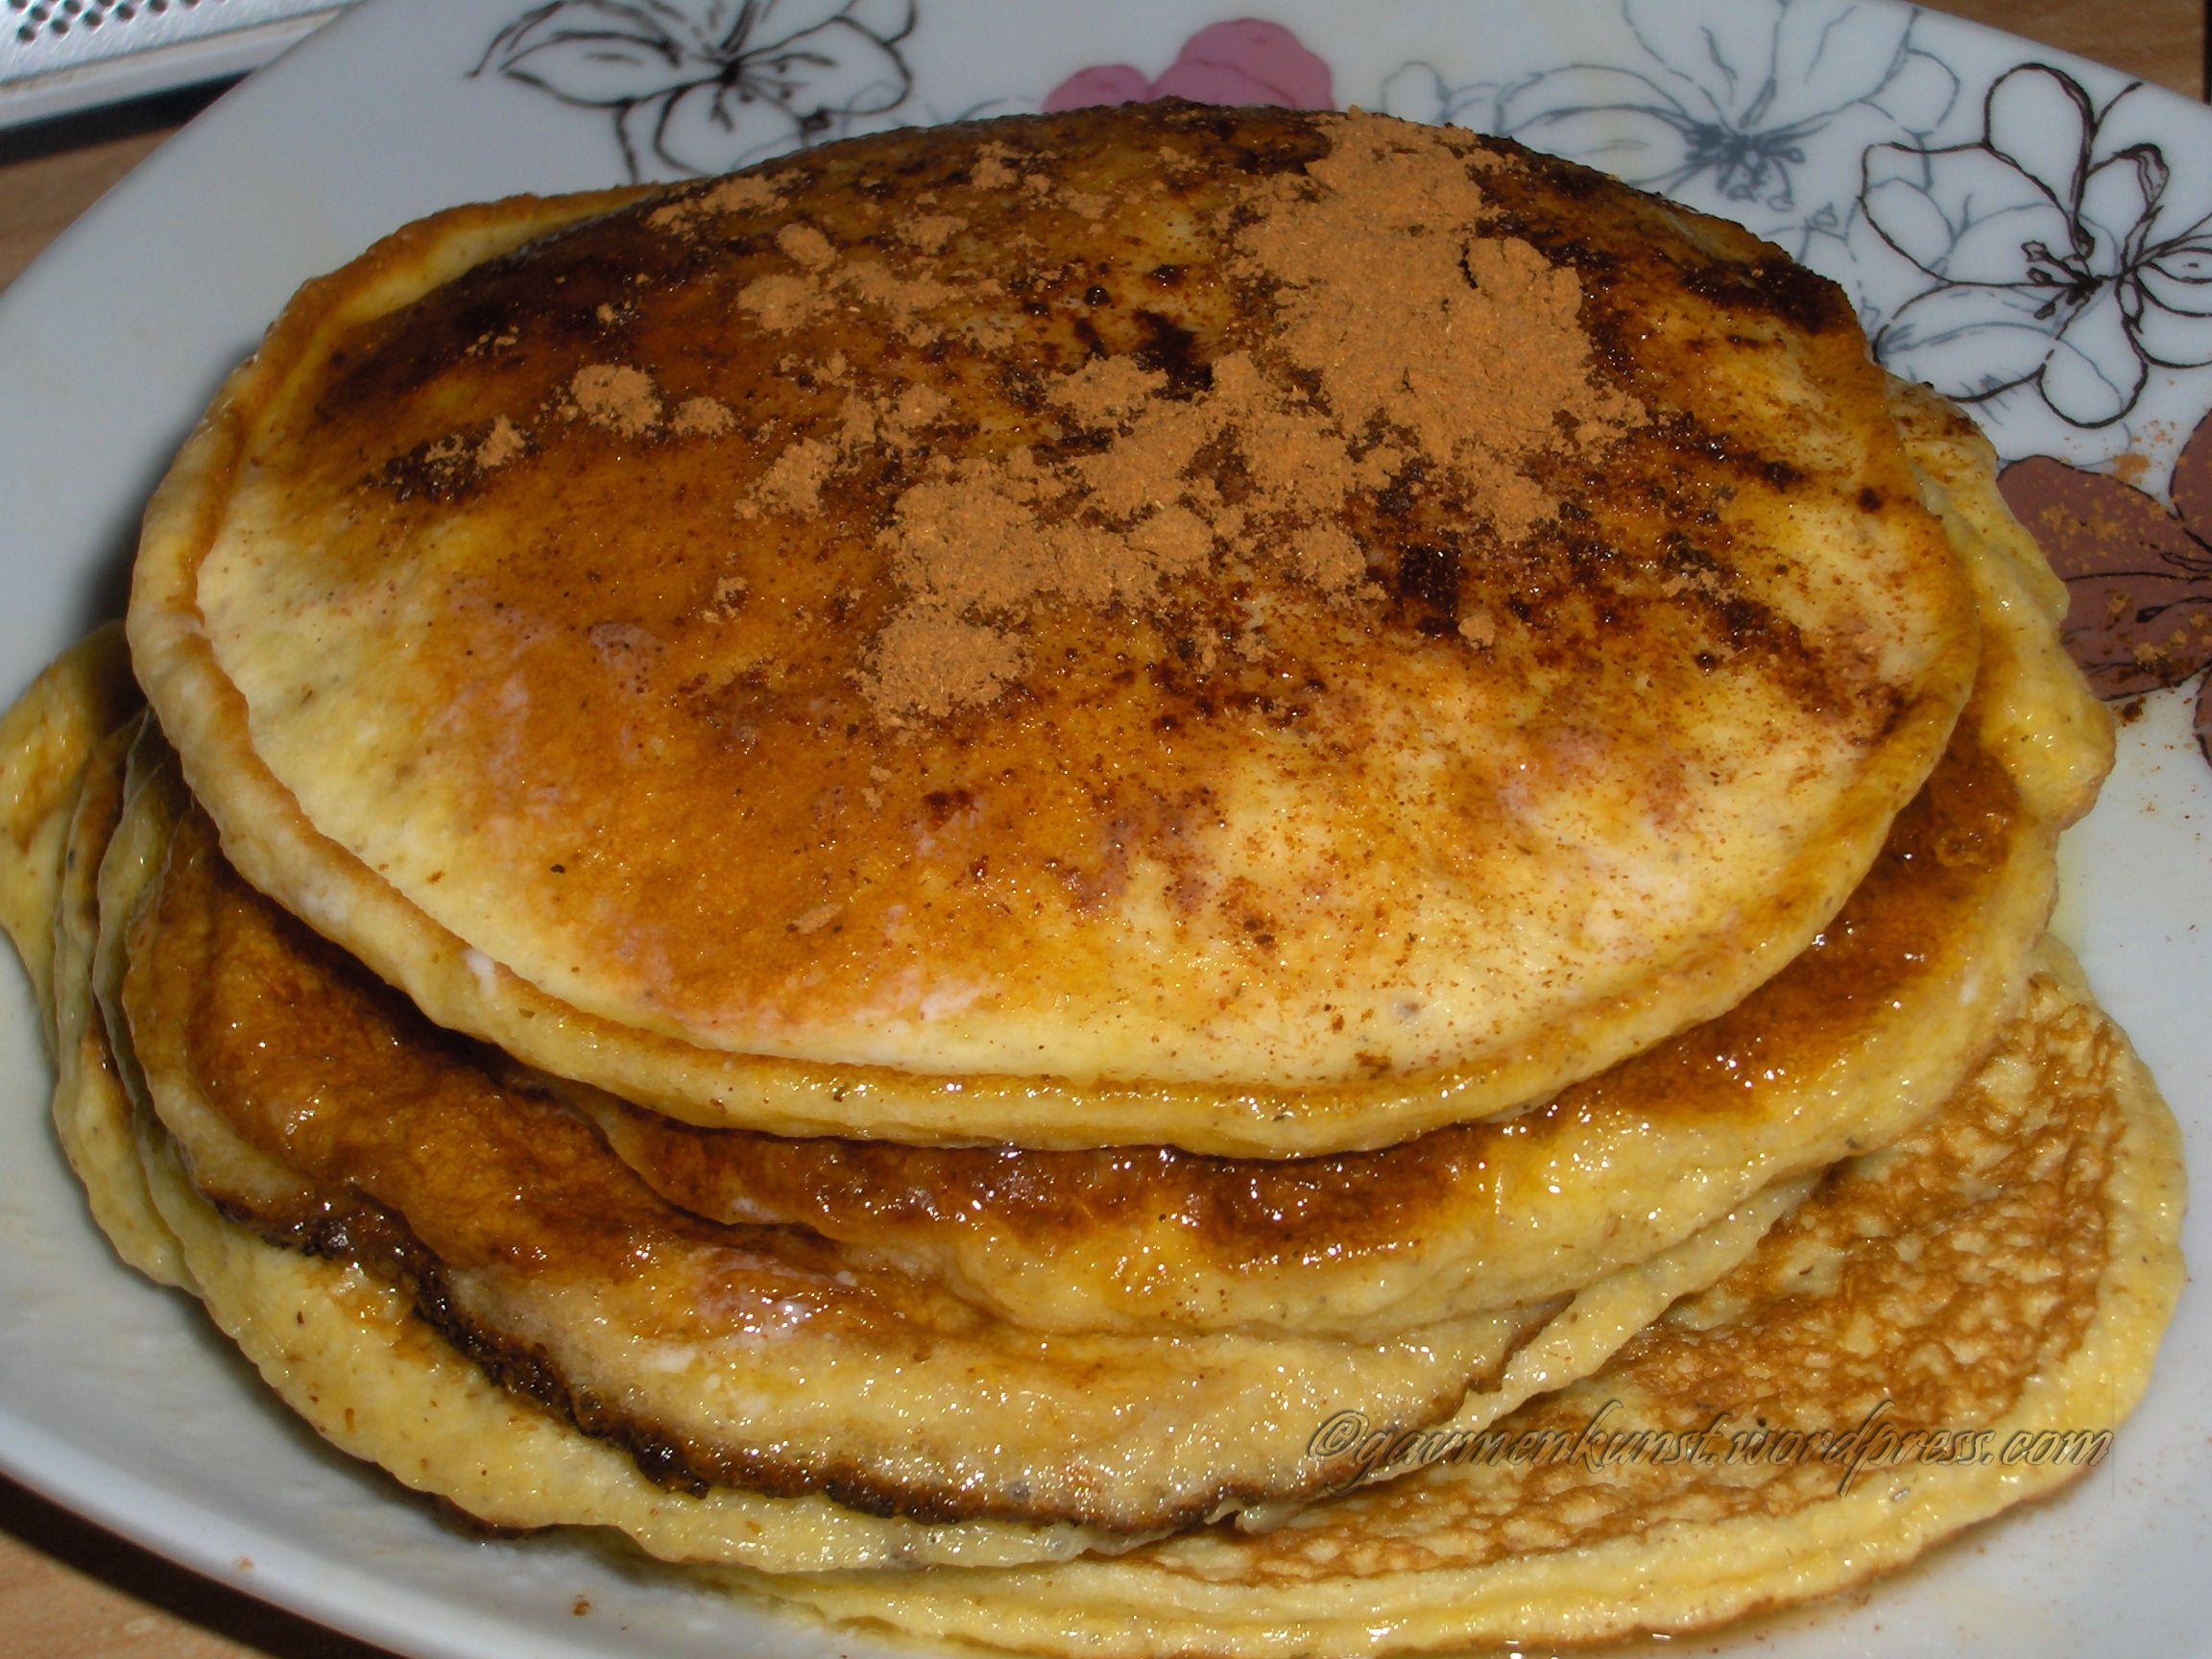 Flohsamenschalen Pfannkuchen Zutaten Für 1 Person Lecker